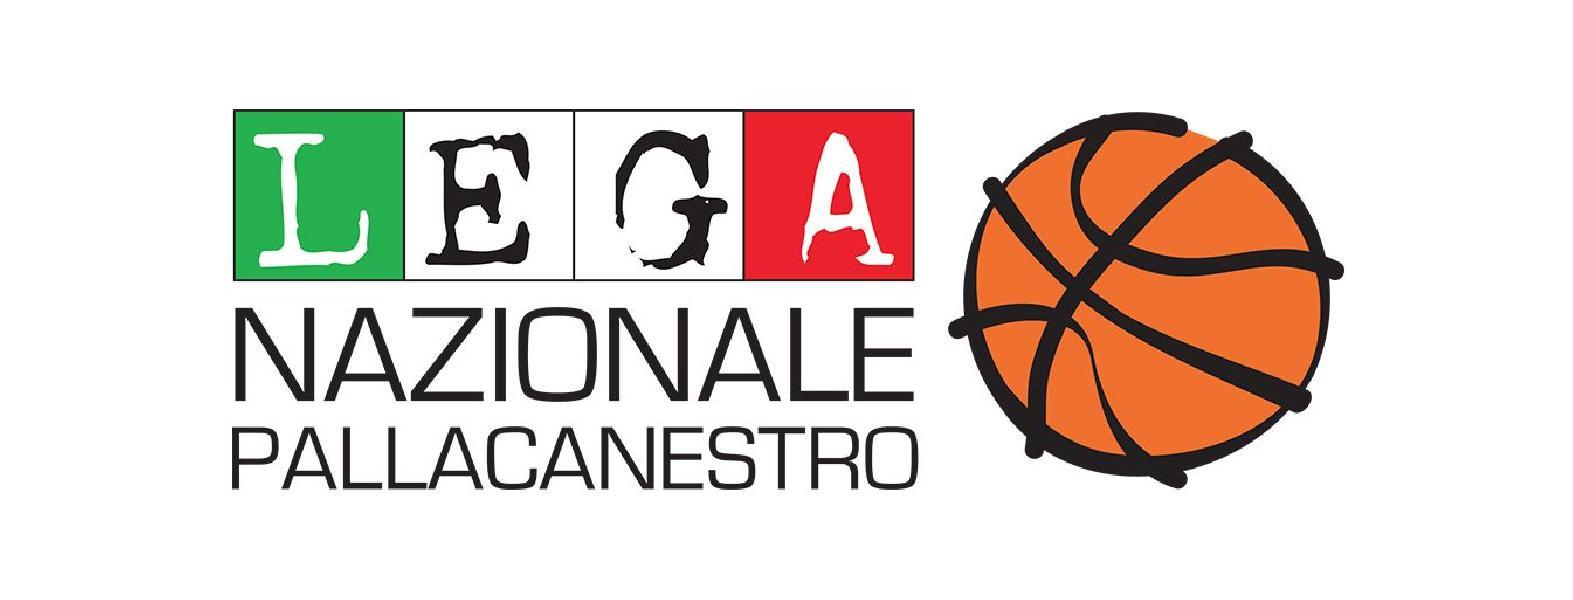 https://www.basketmarche.it/immagini_articoli/20-11-2018/decisioni-giudice-sportivo-dopo-ottava-giornata-dettagli-600.jpg